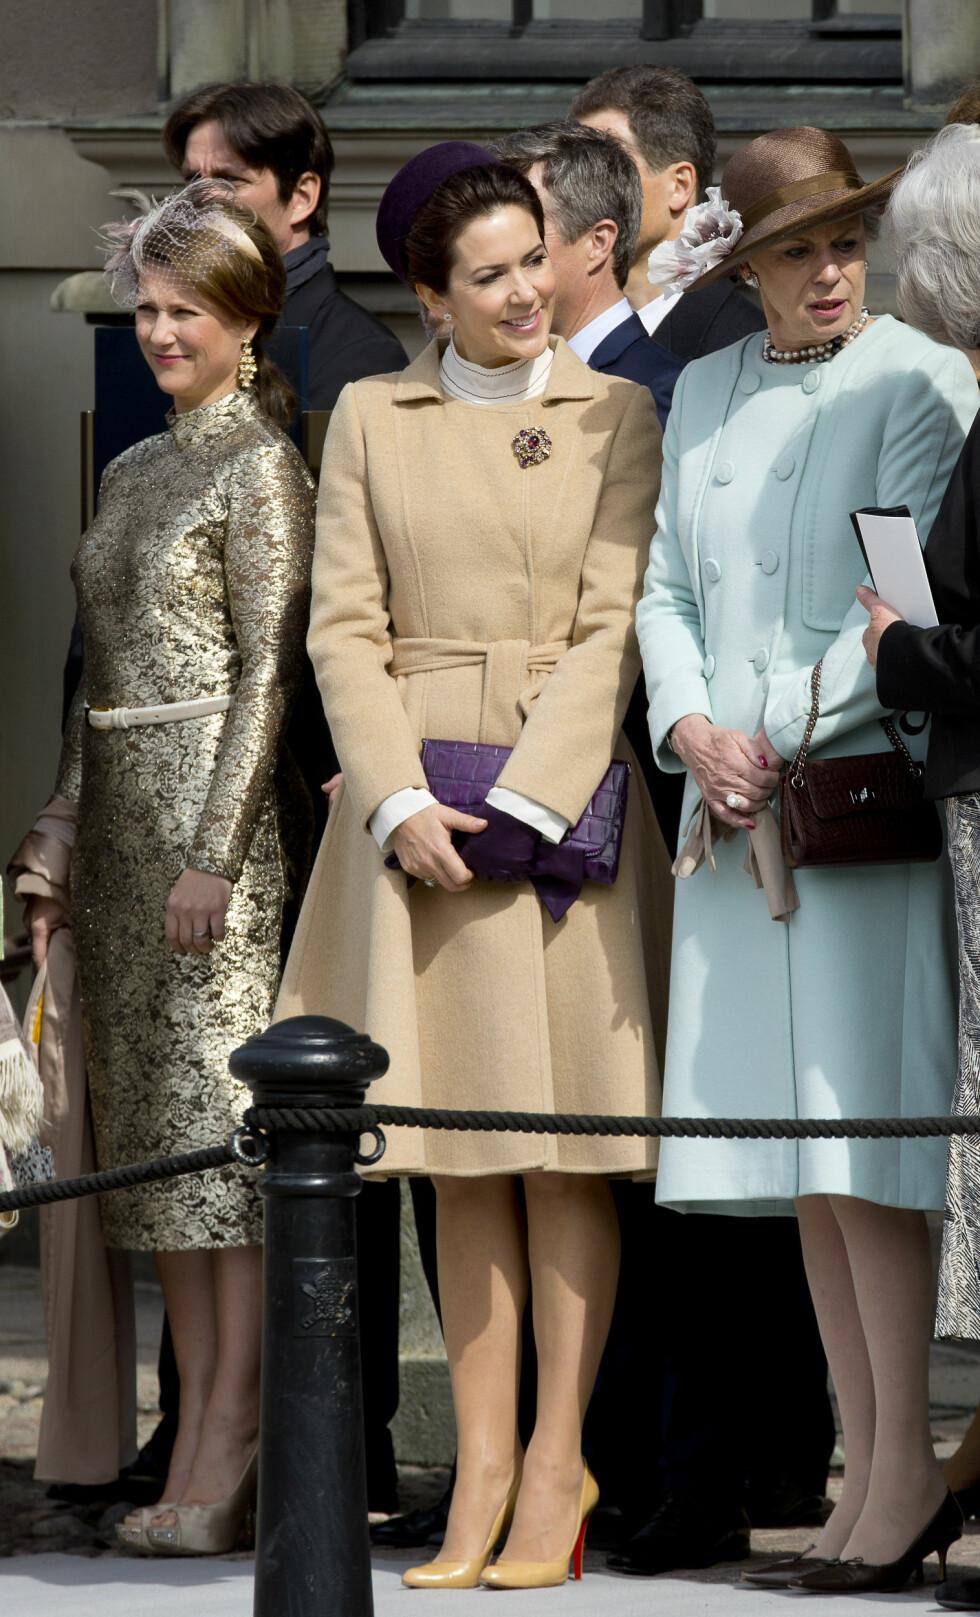 KONGELIGE GJESTER: Fra Norge stilte prinsesse Märtha Louise og Ari Behn, mens kronprinsesse Mary representerte Danmark. Foto: DPA